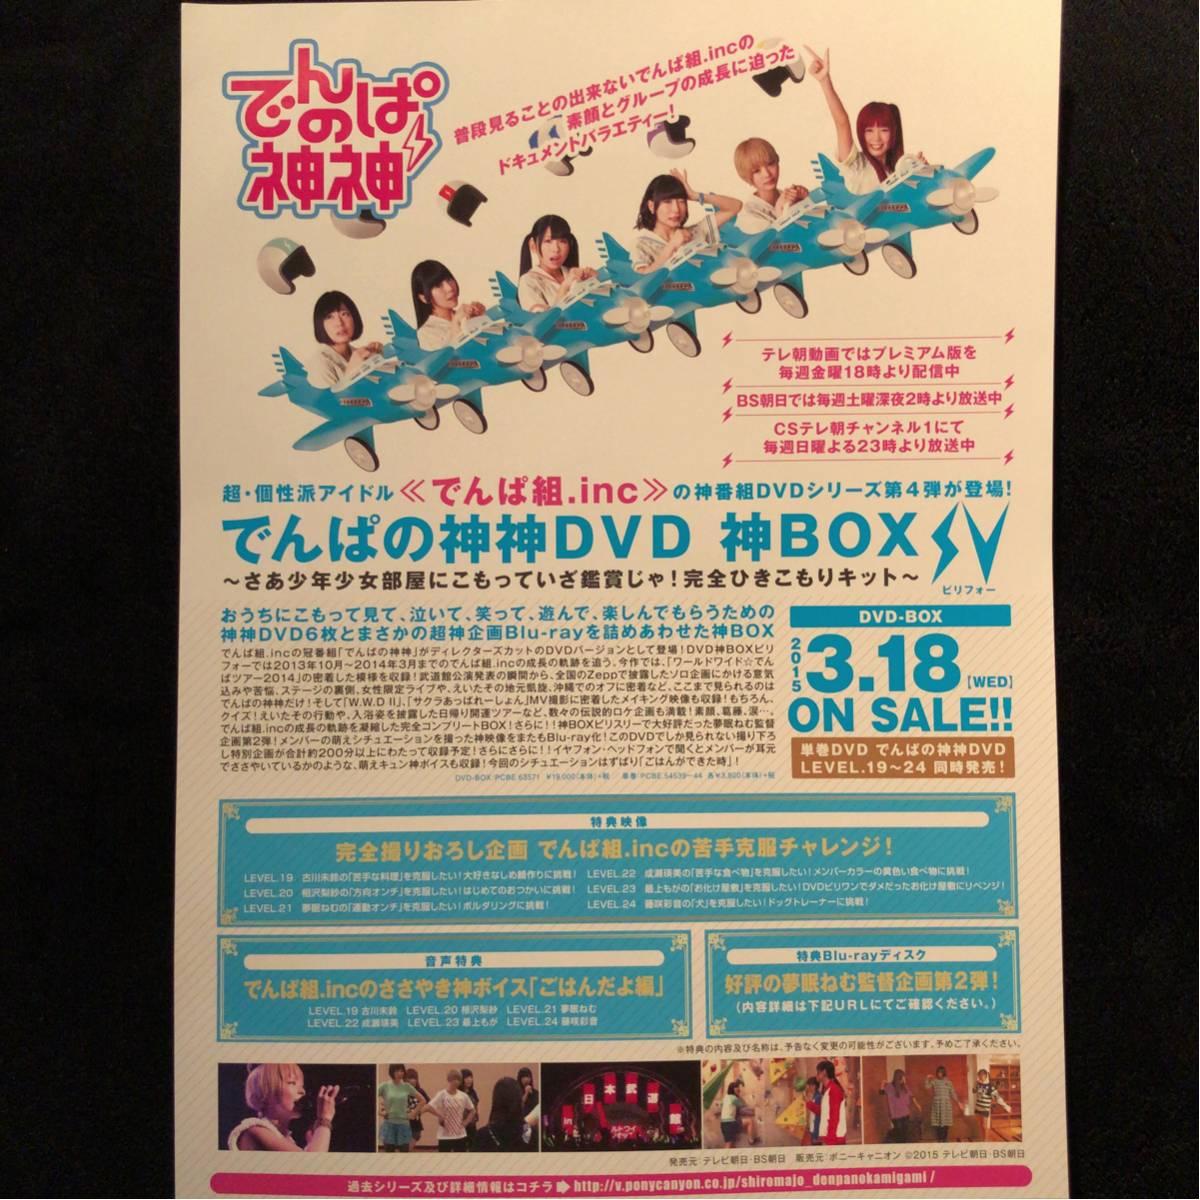 DVDチラシ★でんぱ組.inc / 「でんぱの神神 神BOX」